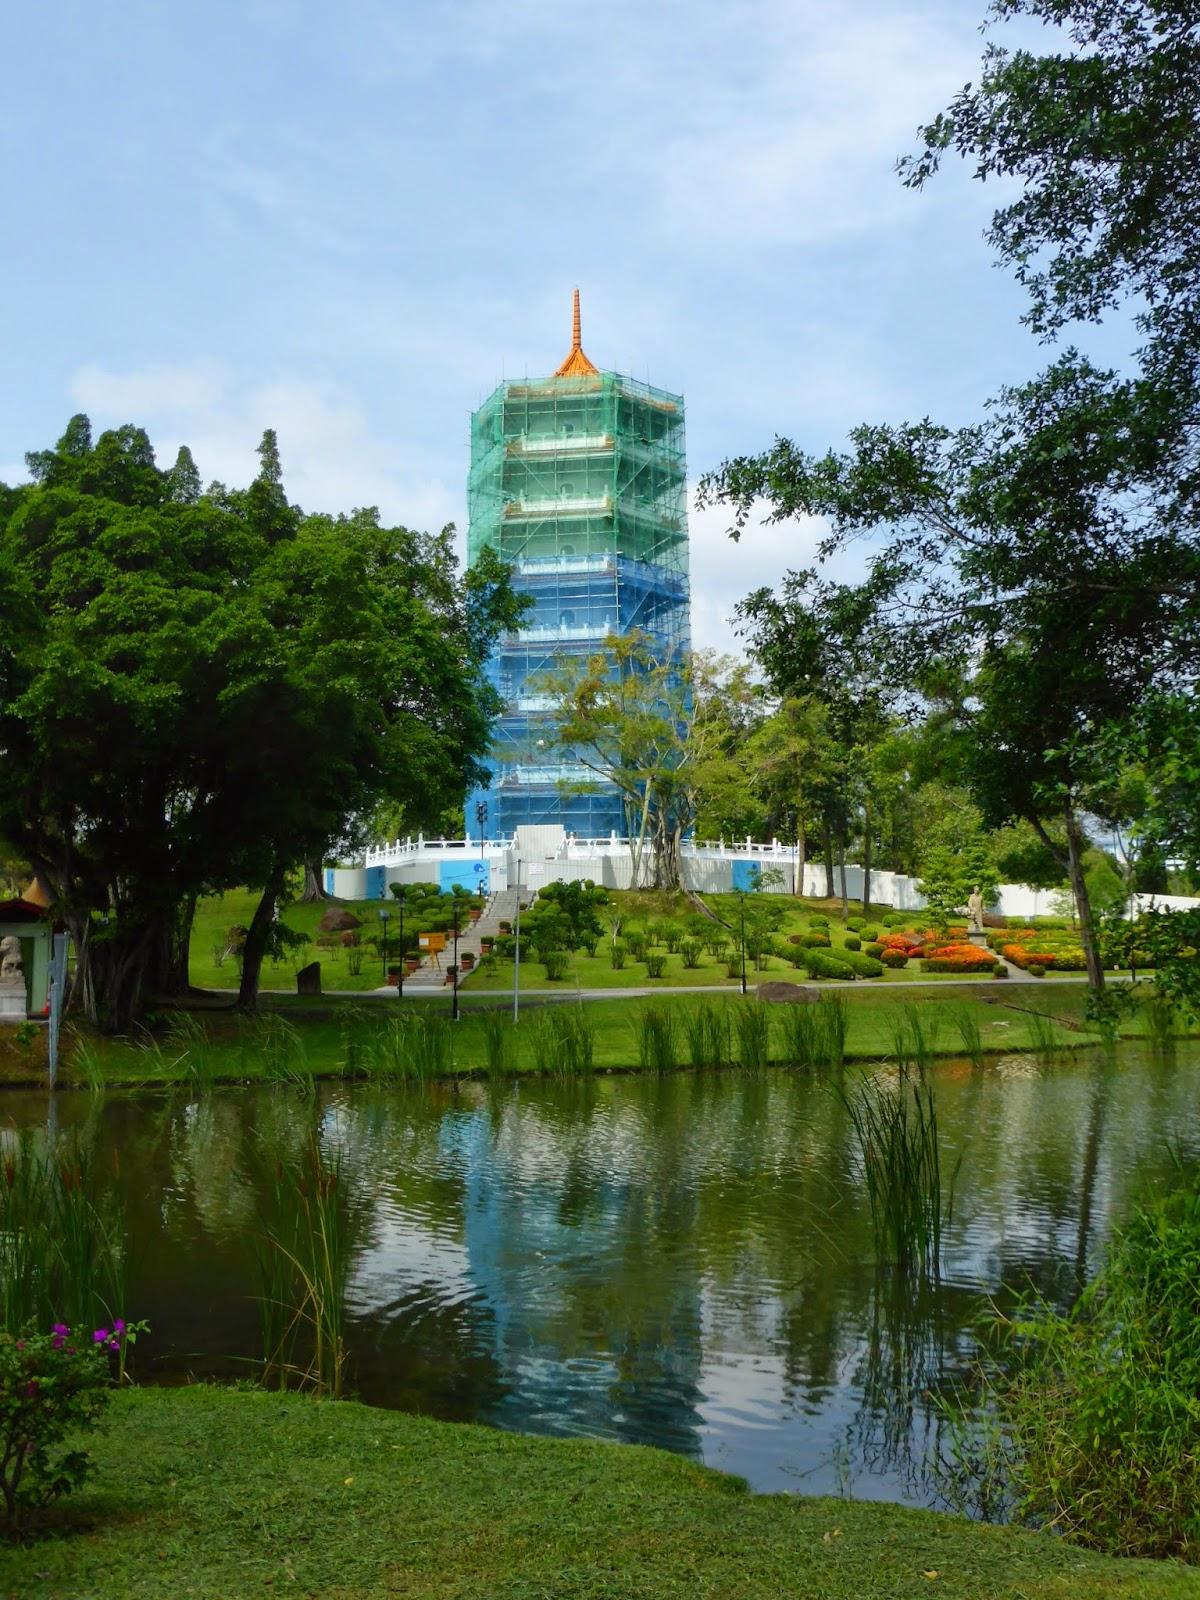 Cath hk jardin chinois jardin japonais singapour for Conception jardin chinois